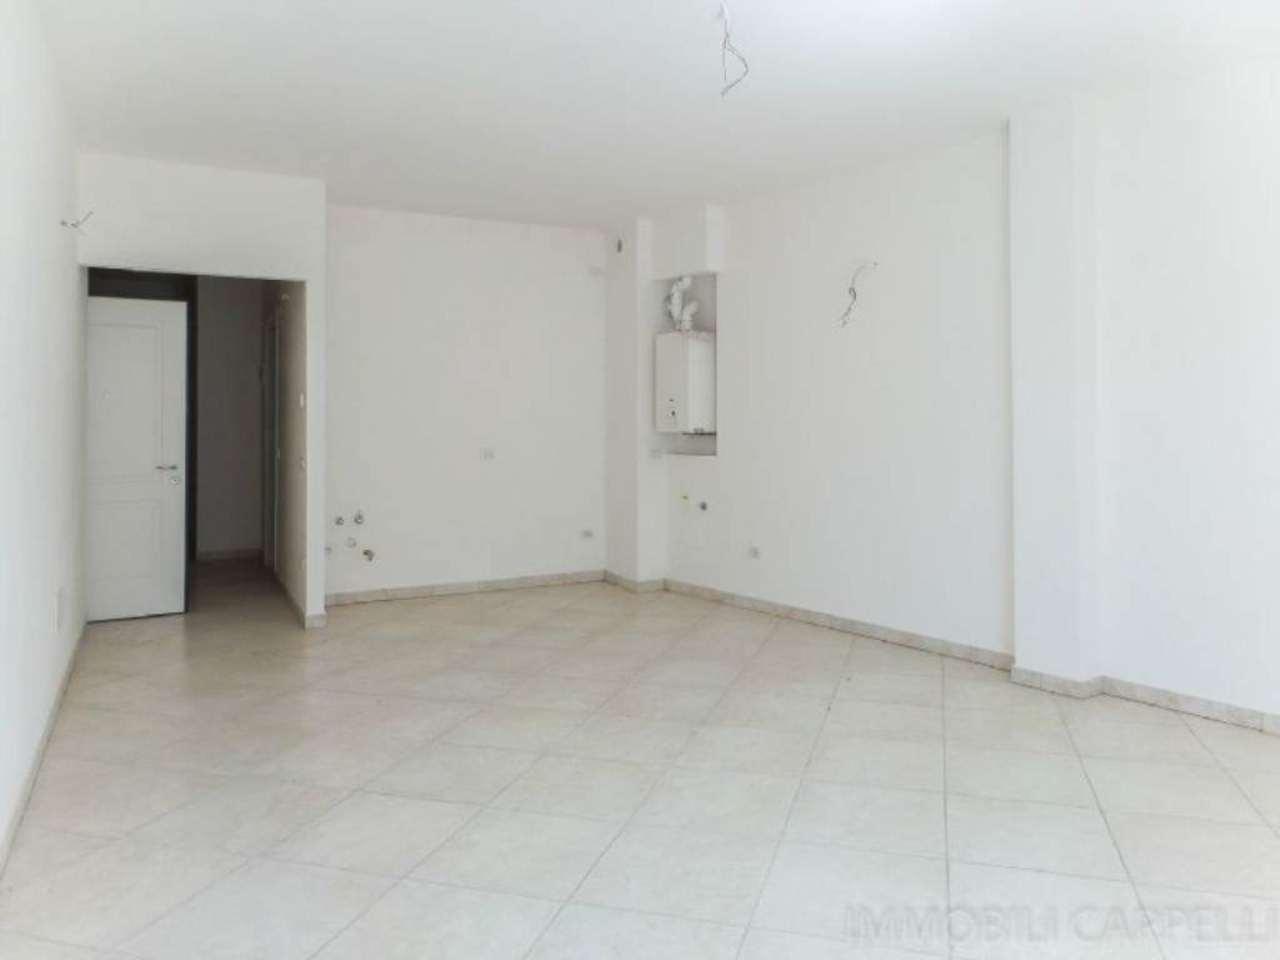 Appartamento in vendita a Cesena, 3 locali, prezzo € 330.000 | CambioCasa.it